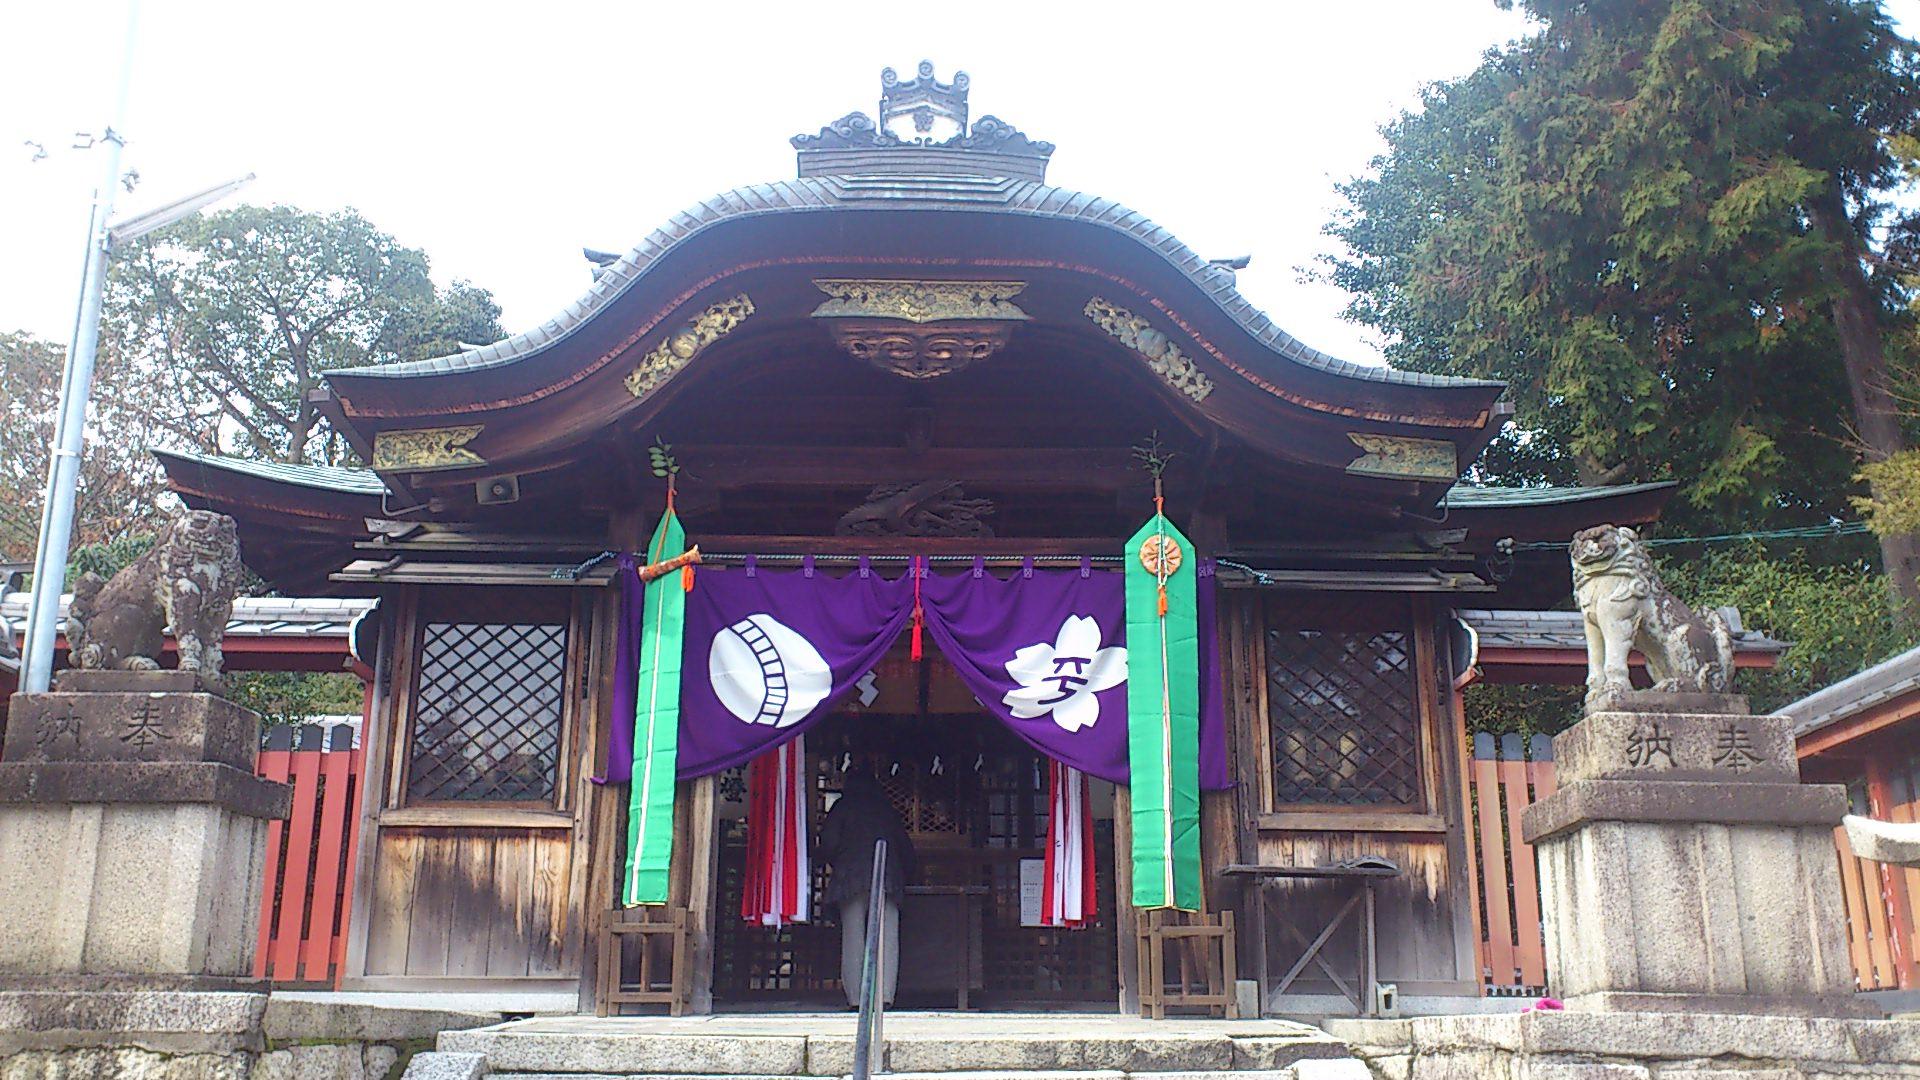 われら京都のチームパープルサンガは善戦しました。